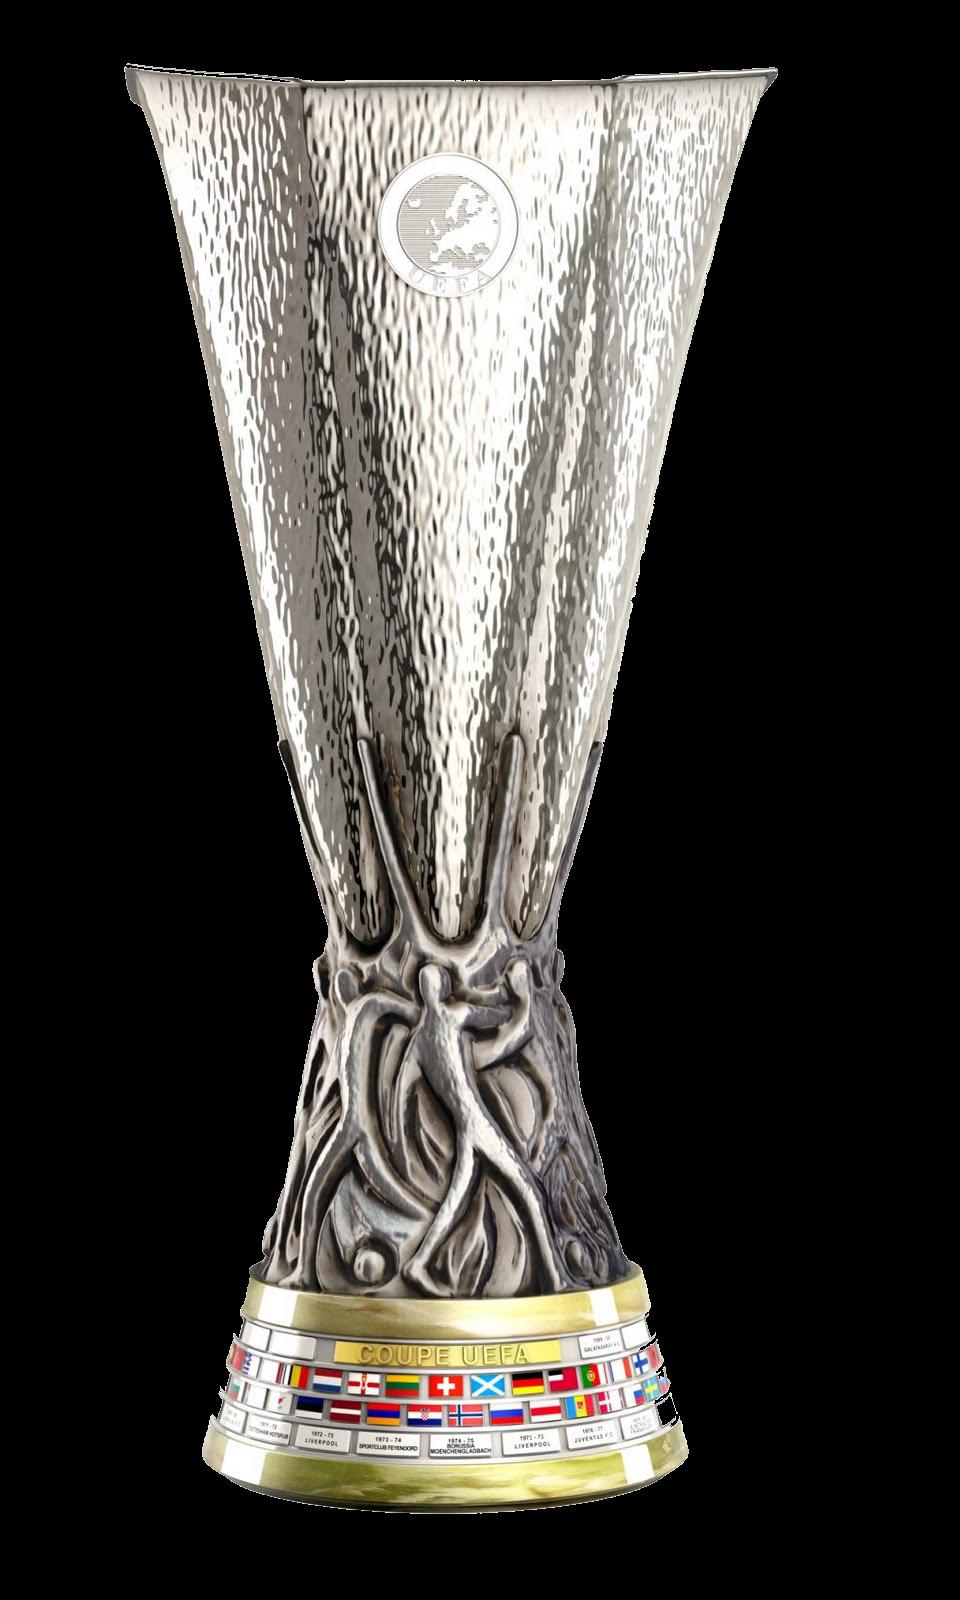 Renders De Fútbol: Copas y Trofeos // Cups